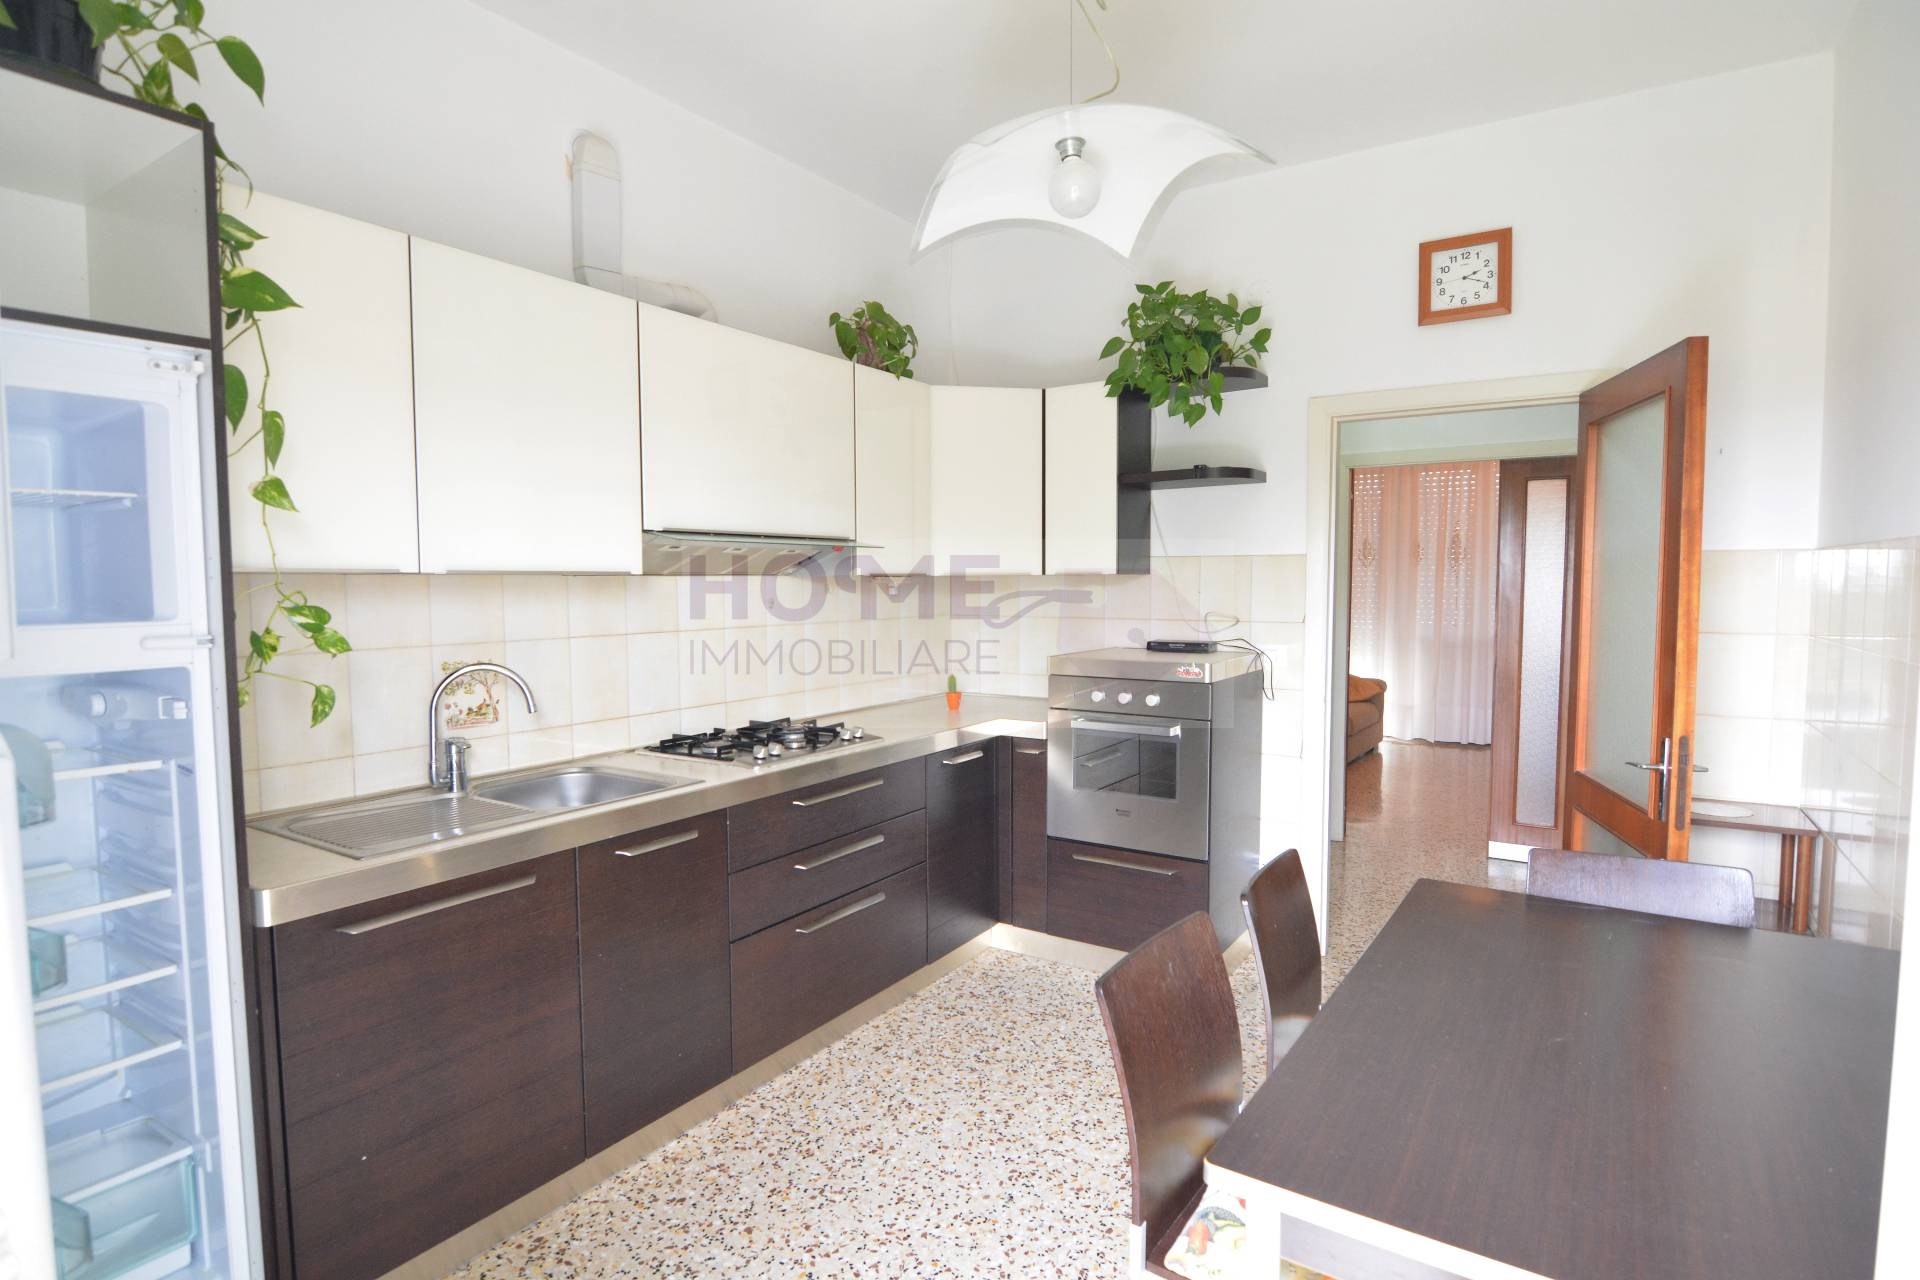 Appartamento in affitto a Macerata, 6 locali, zona Zona: Sforzacosta, prezzo € 400 | Cambio Casa.it